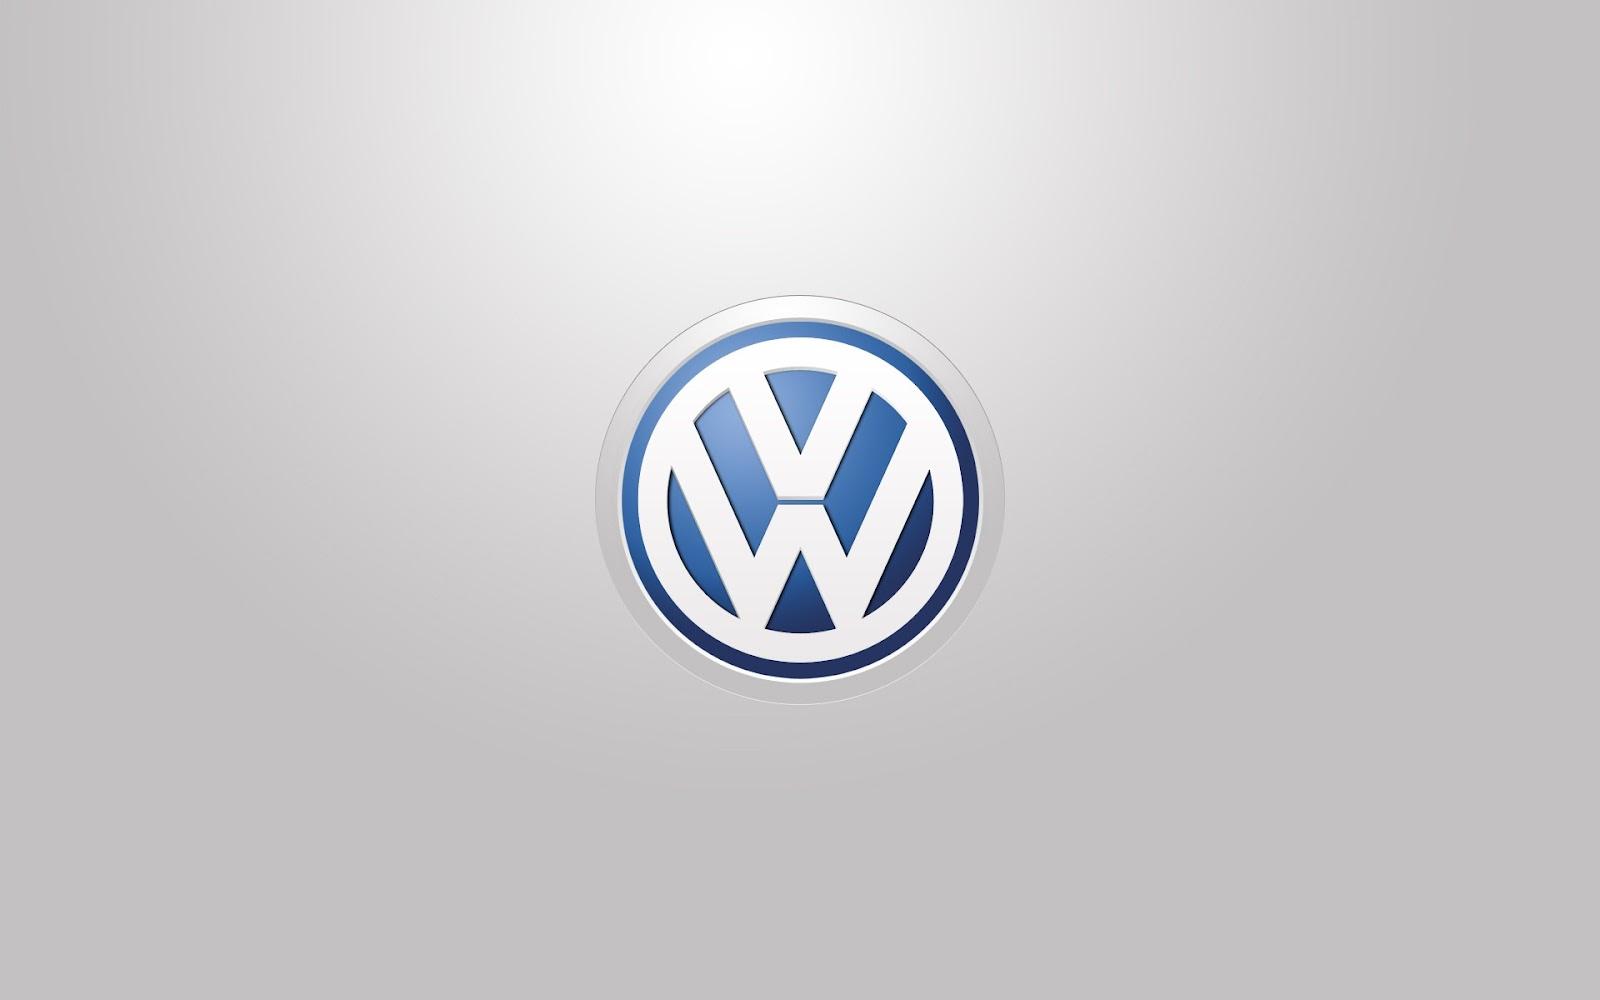 5 HD Volkswagen Logo Wallpapers - HDWallSource com